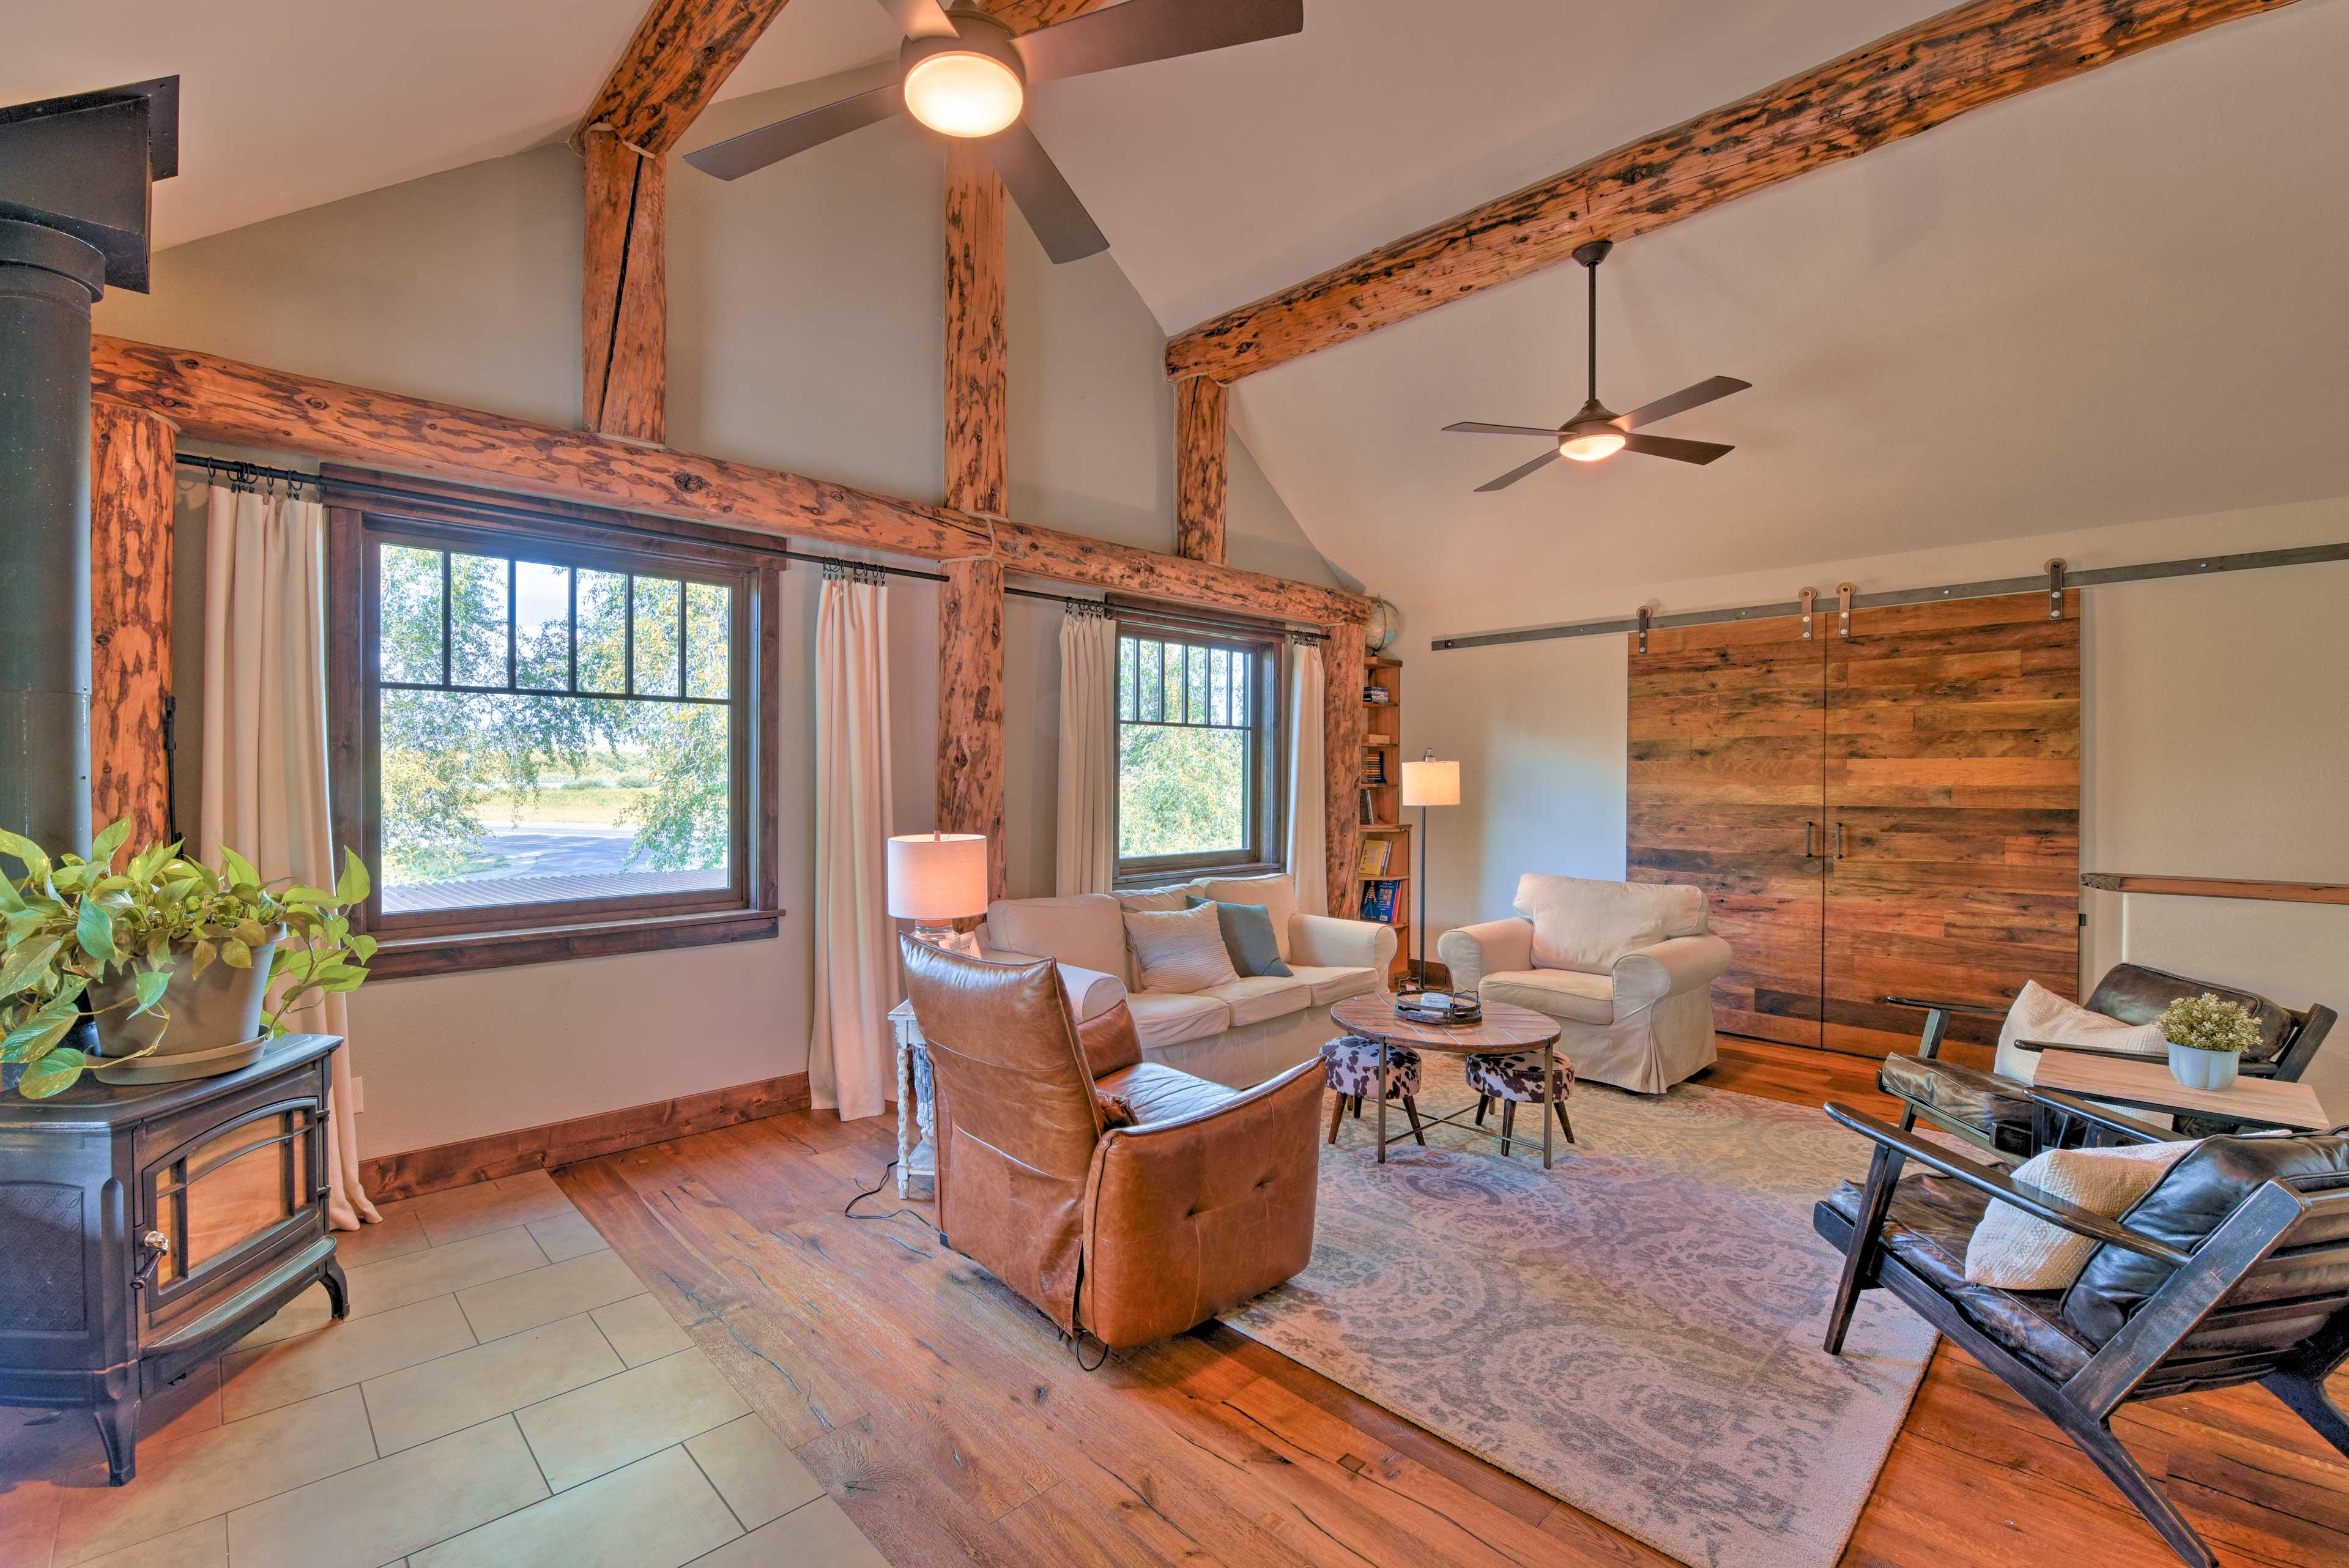 Living Room | Ceiling Fans | Sliding Barn Doors